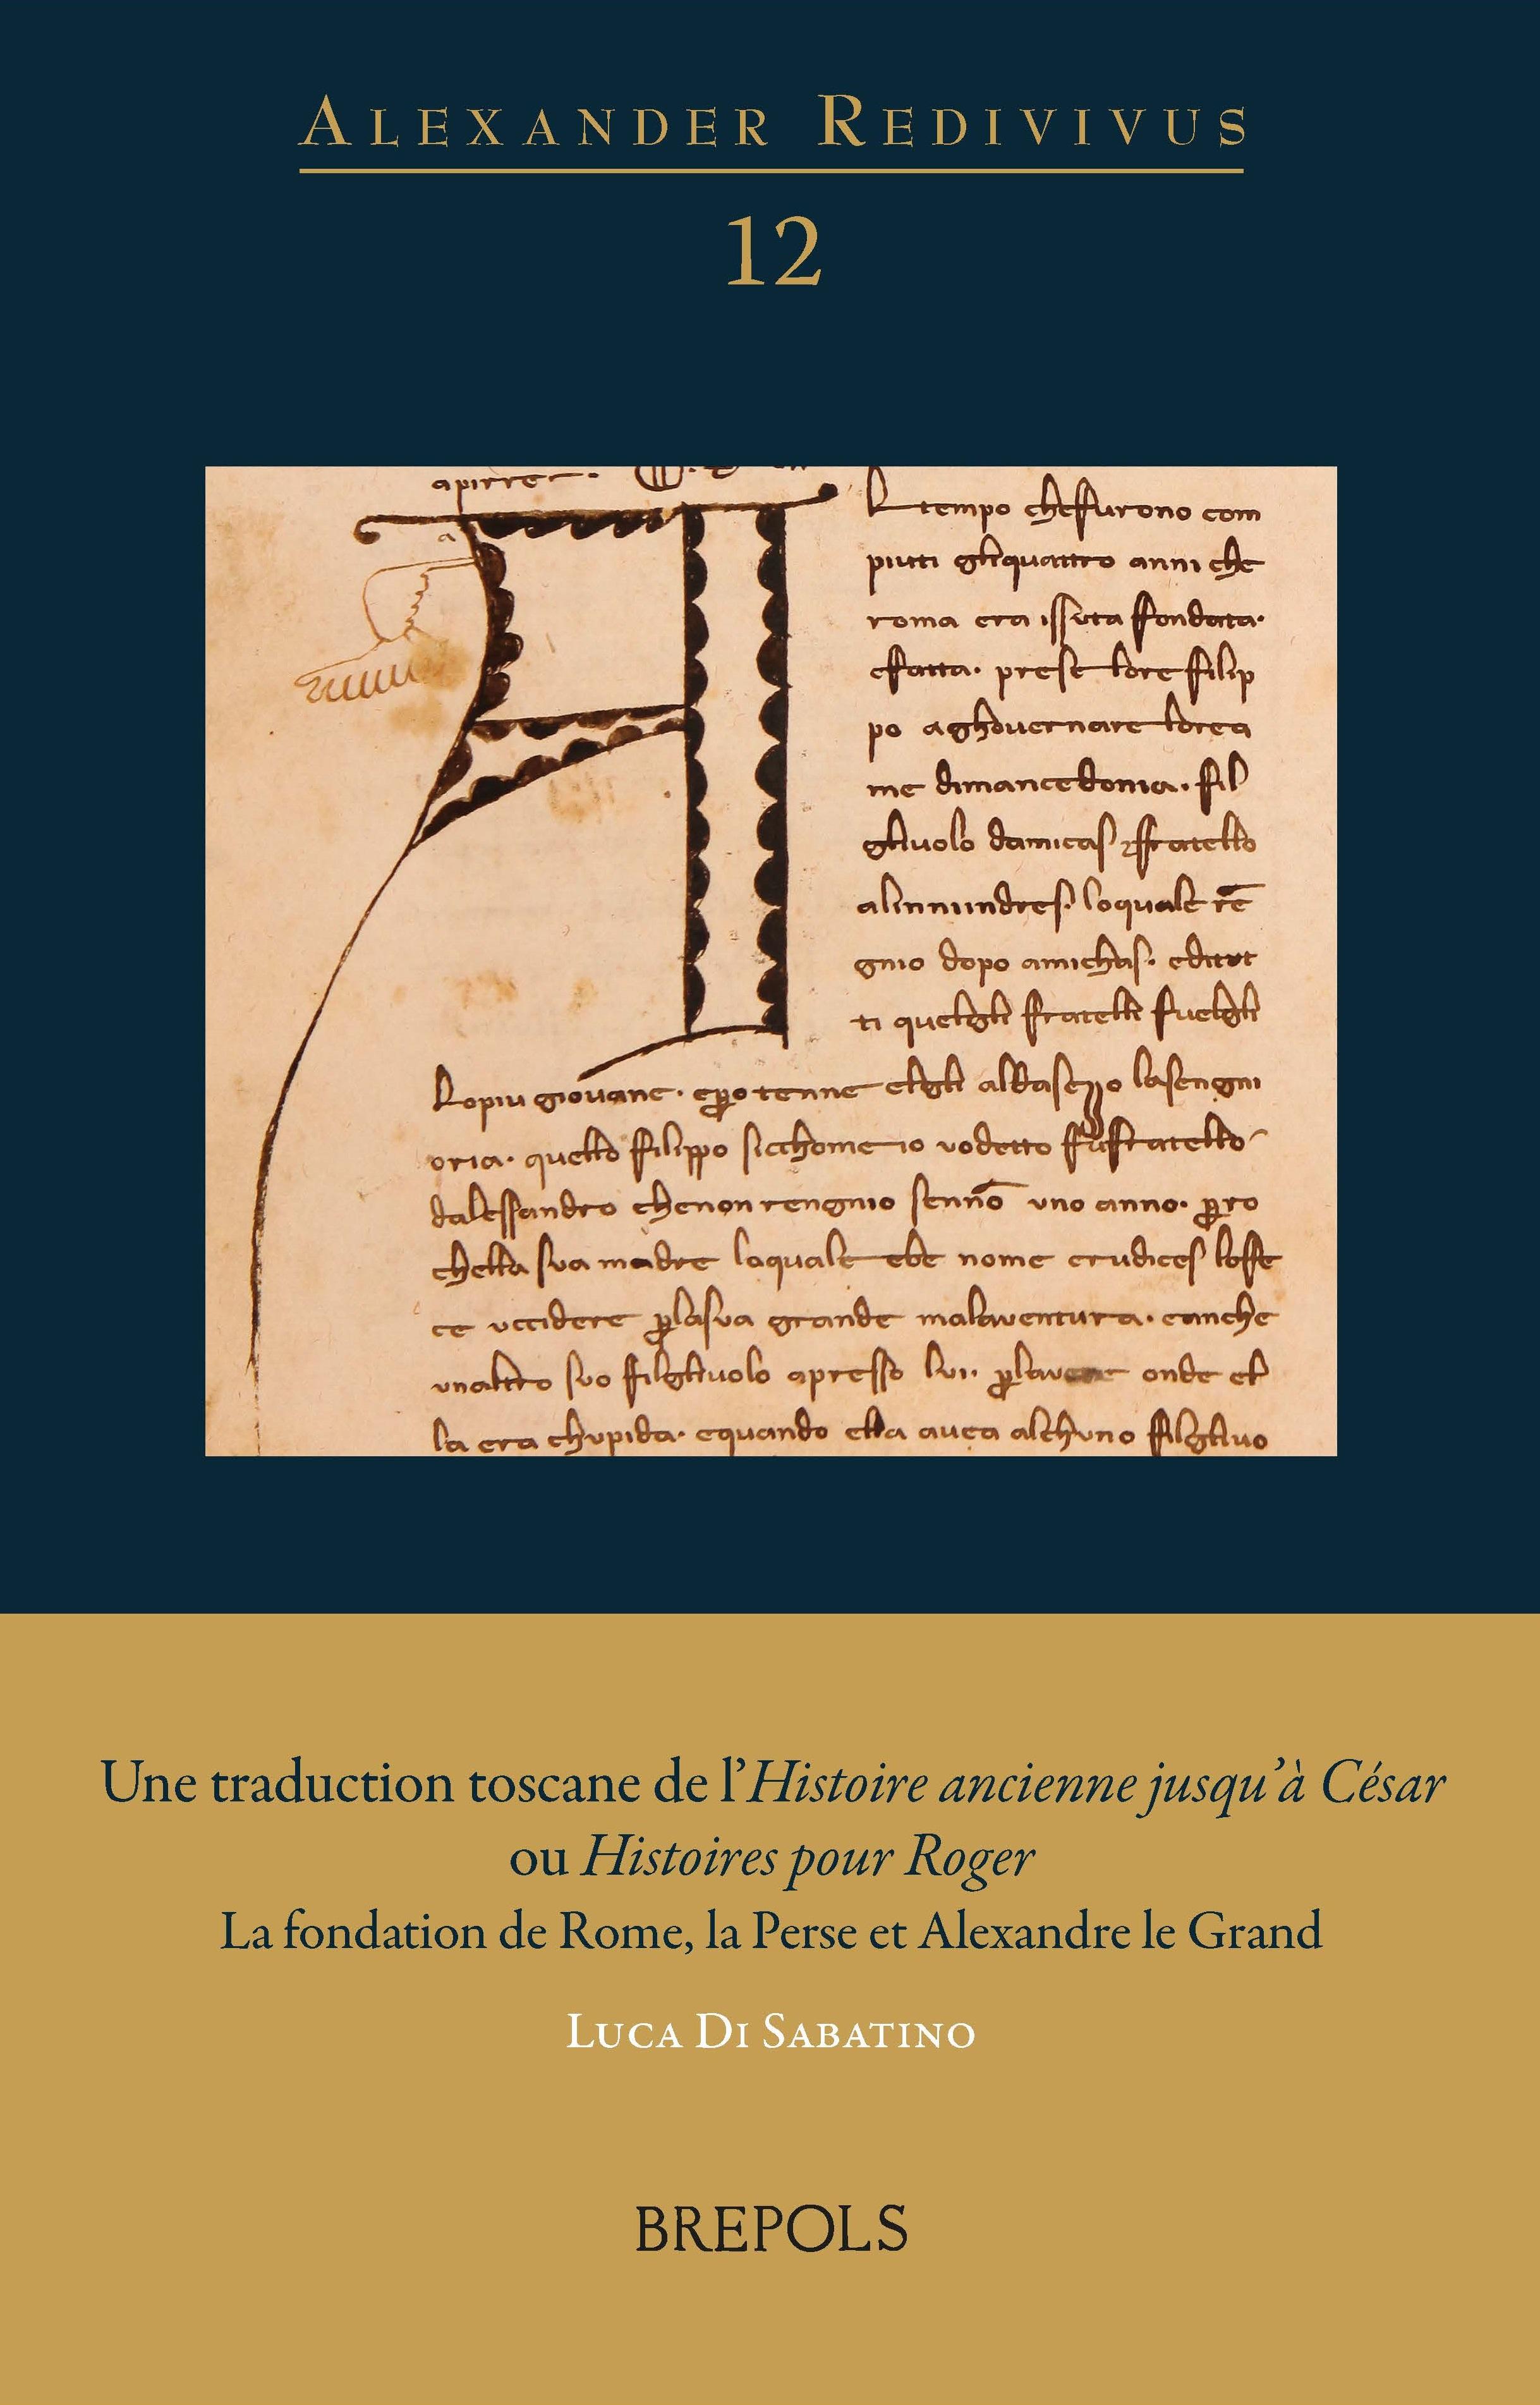 L. Di Sabatino, Une traduction toscane de l'Histoire ancienne jusqu'à César ou Histoires pour Roger La fondation de Rome, la Perse et Alexandre le Grand